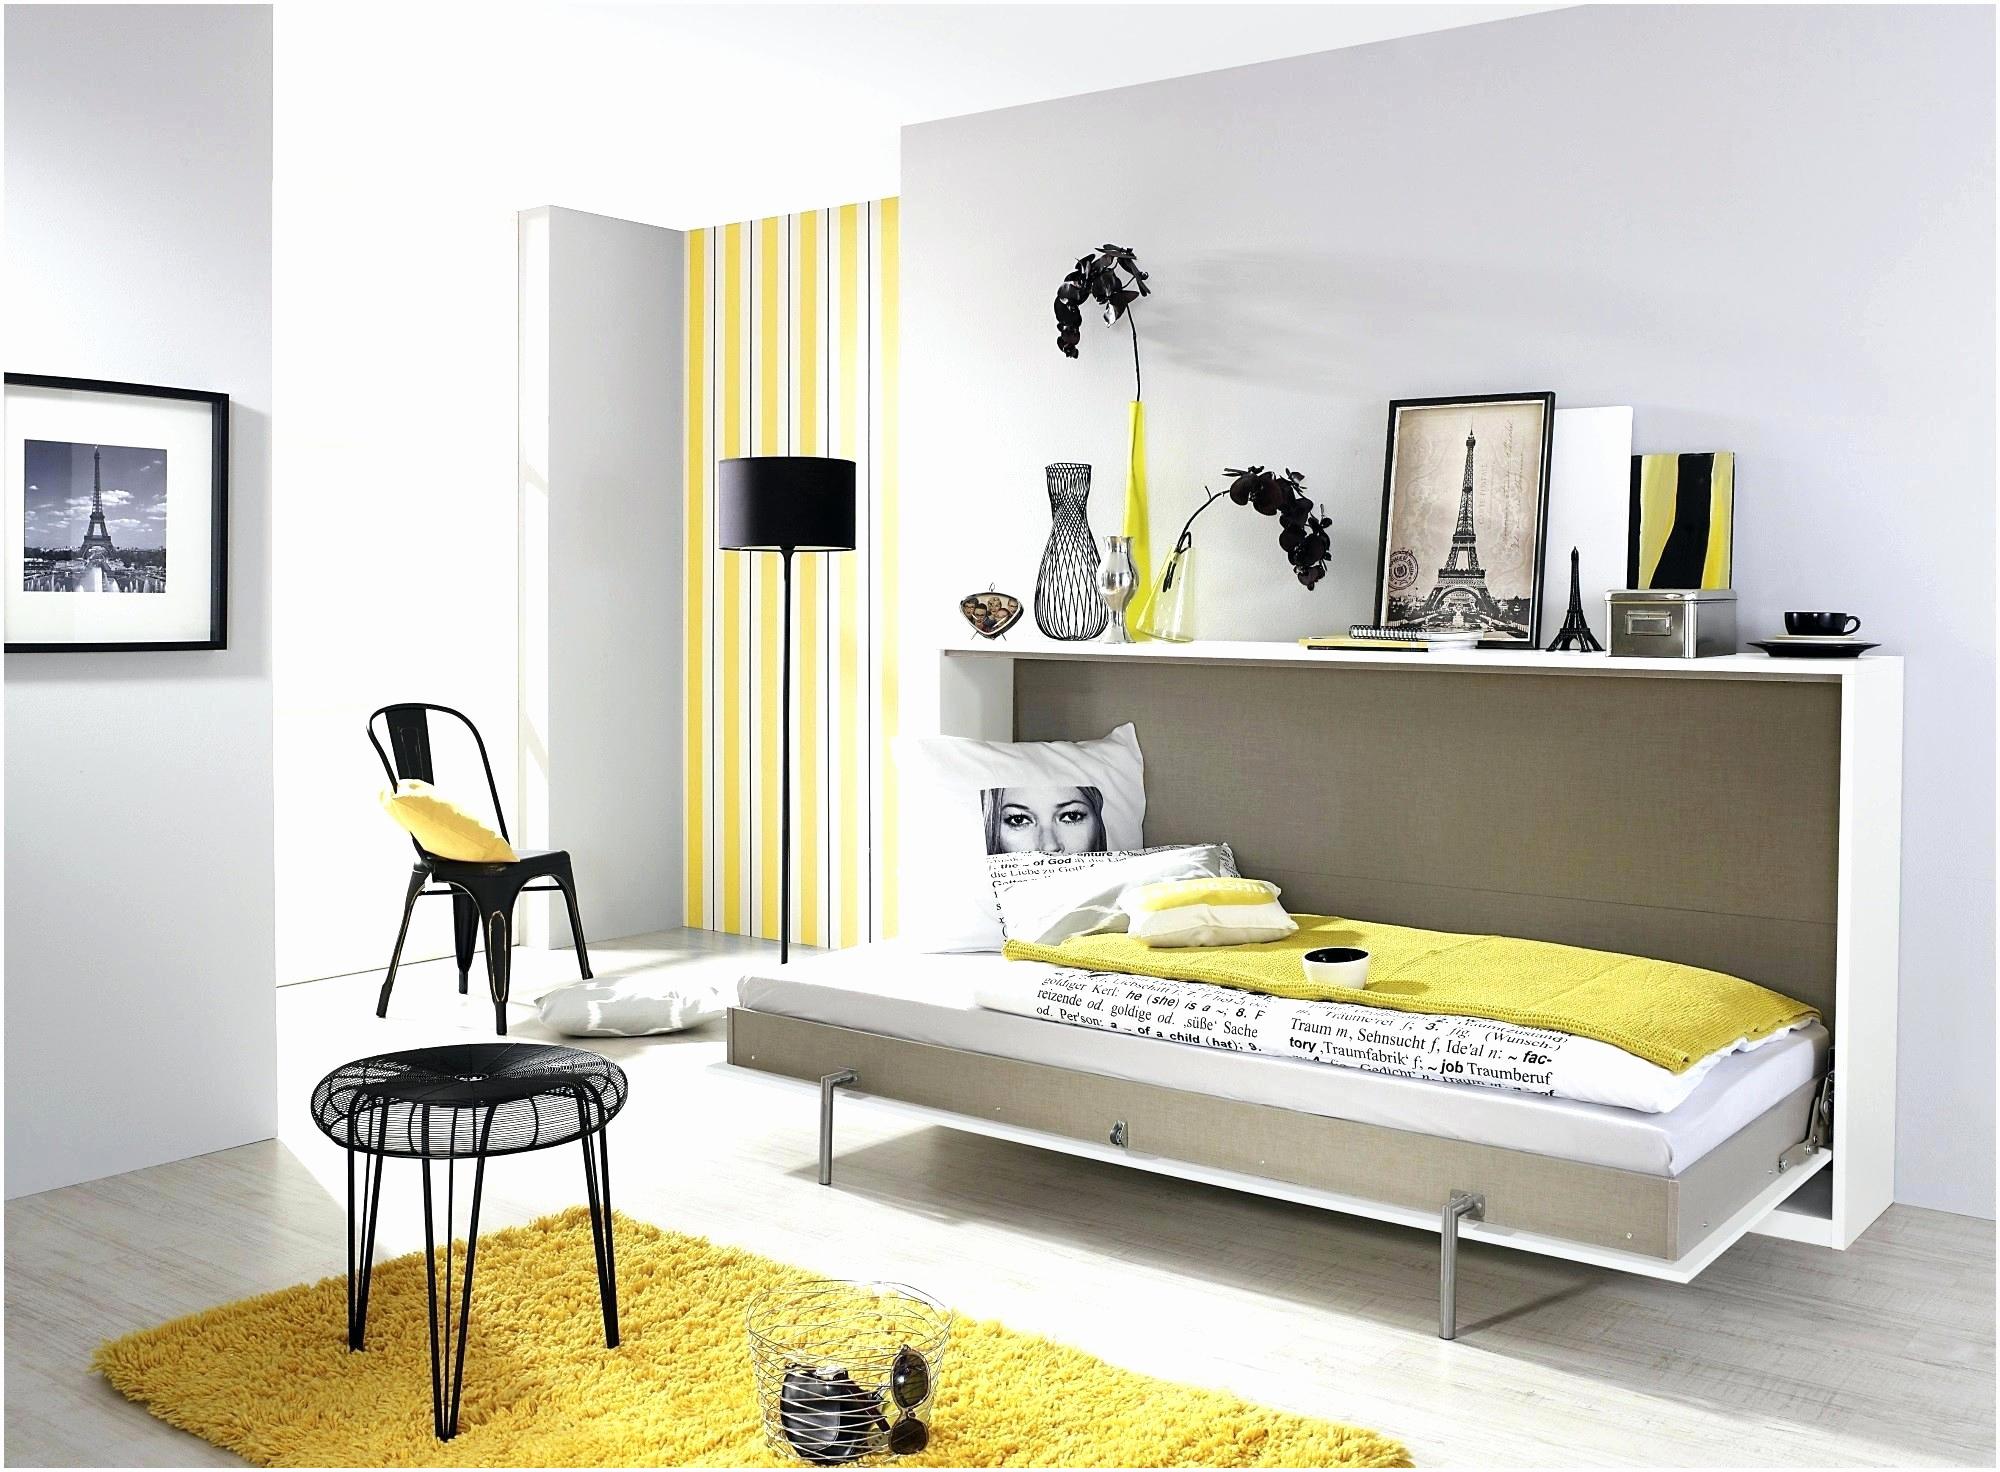 poubelle de cuisine leclerc charmant bureau leclerc meuble bureau leclerc meuble elegant 25 meilleur de of poubelle de cuisine leclerc